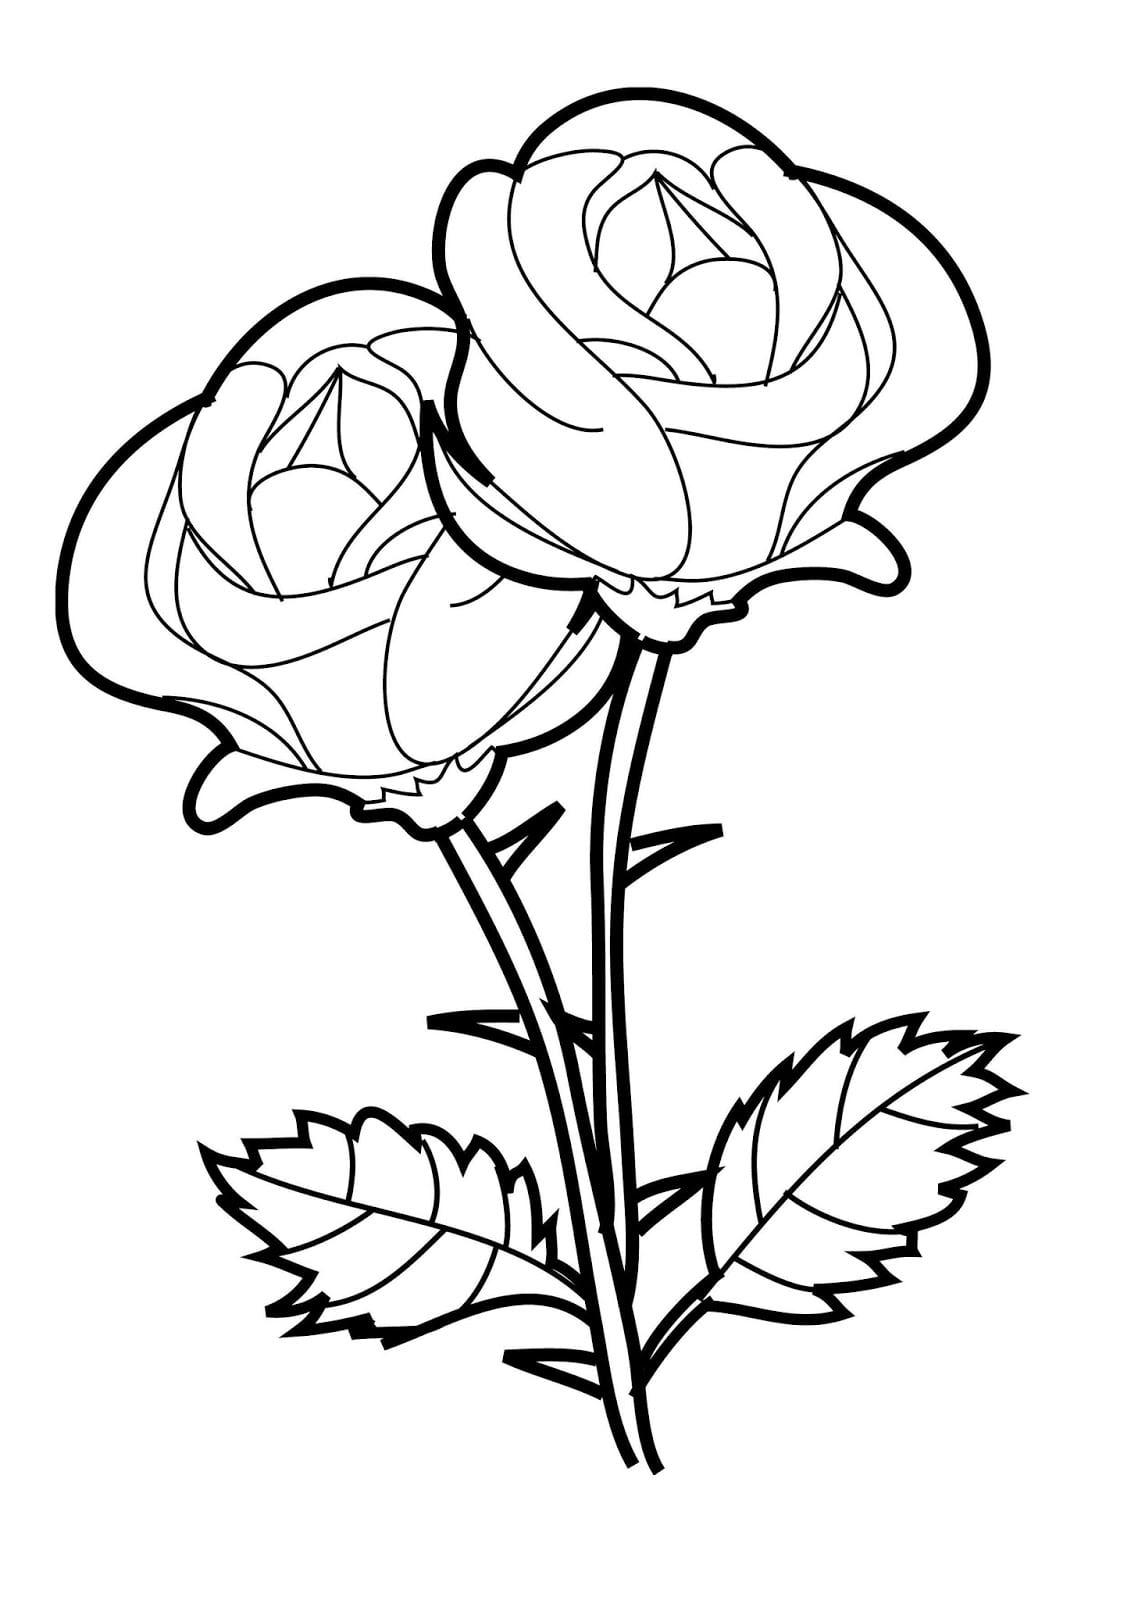 Melhores Desenhos Para Colorir  5 Desenhos De Rosas Para Colorir